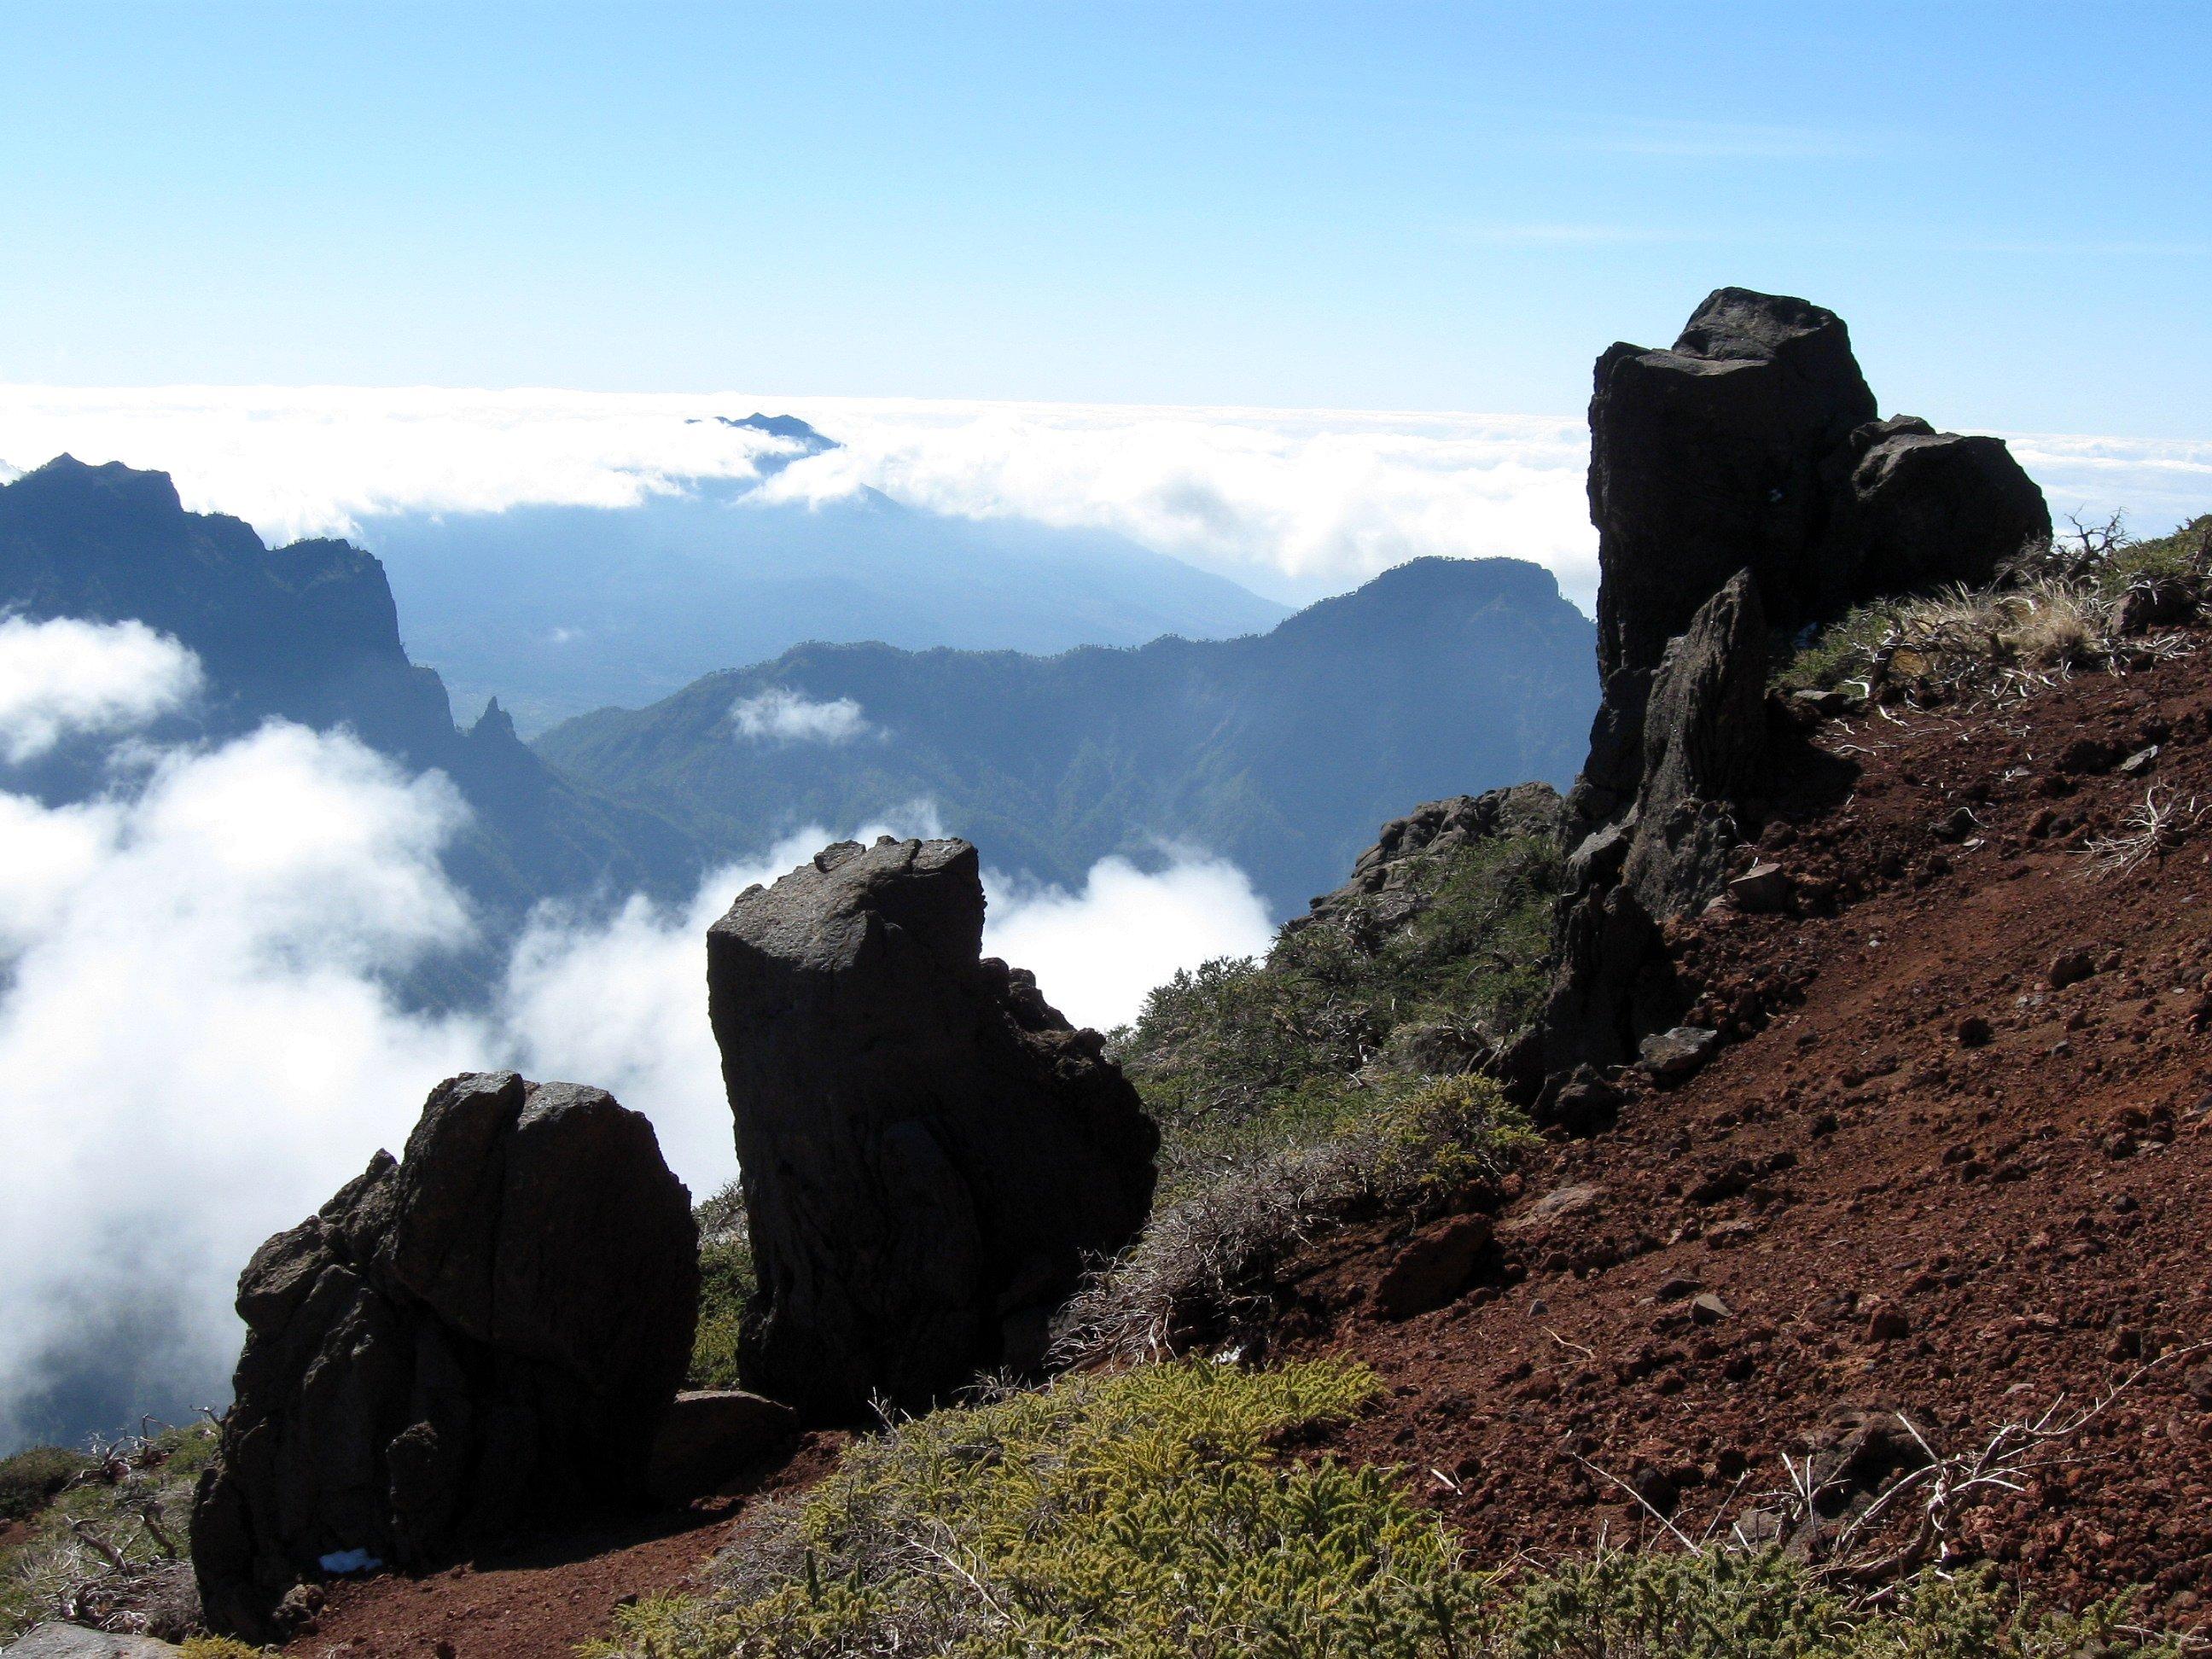 File:Roque de los Muchachos La Palma-5.jpg - Wikimedia Commons